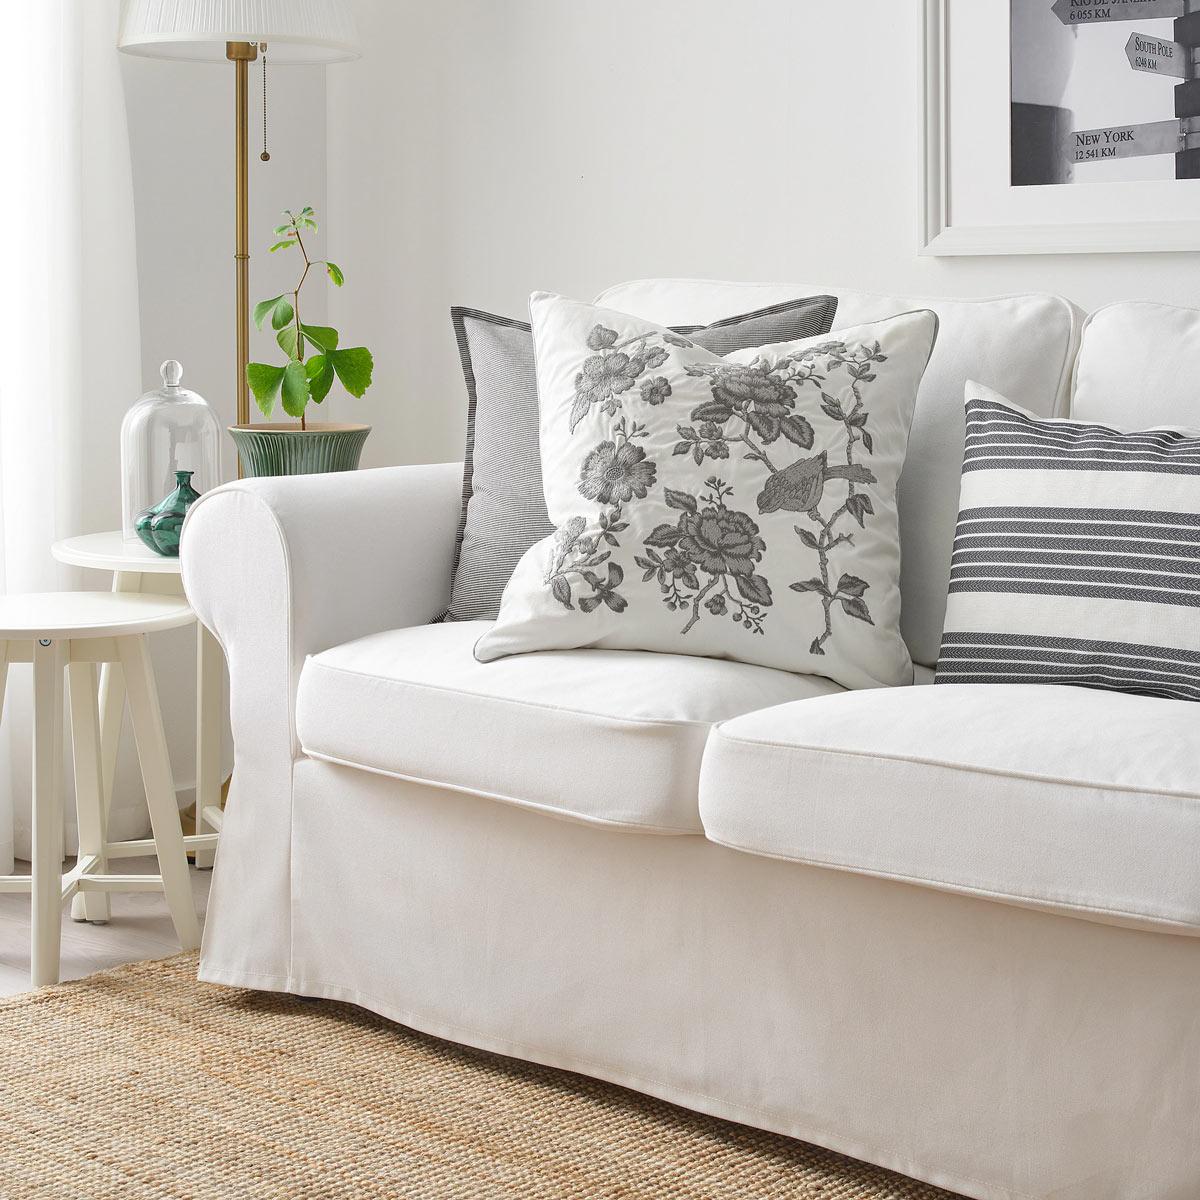 Cuscini Bianchi E Neri cuscini ikea: aggiungi un tocco primaverile al tuo divano